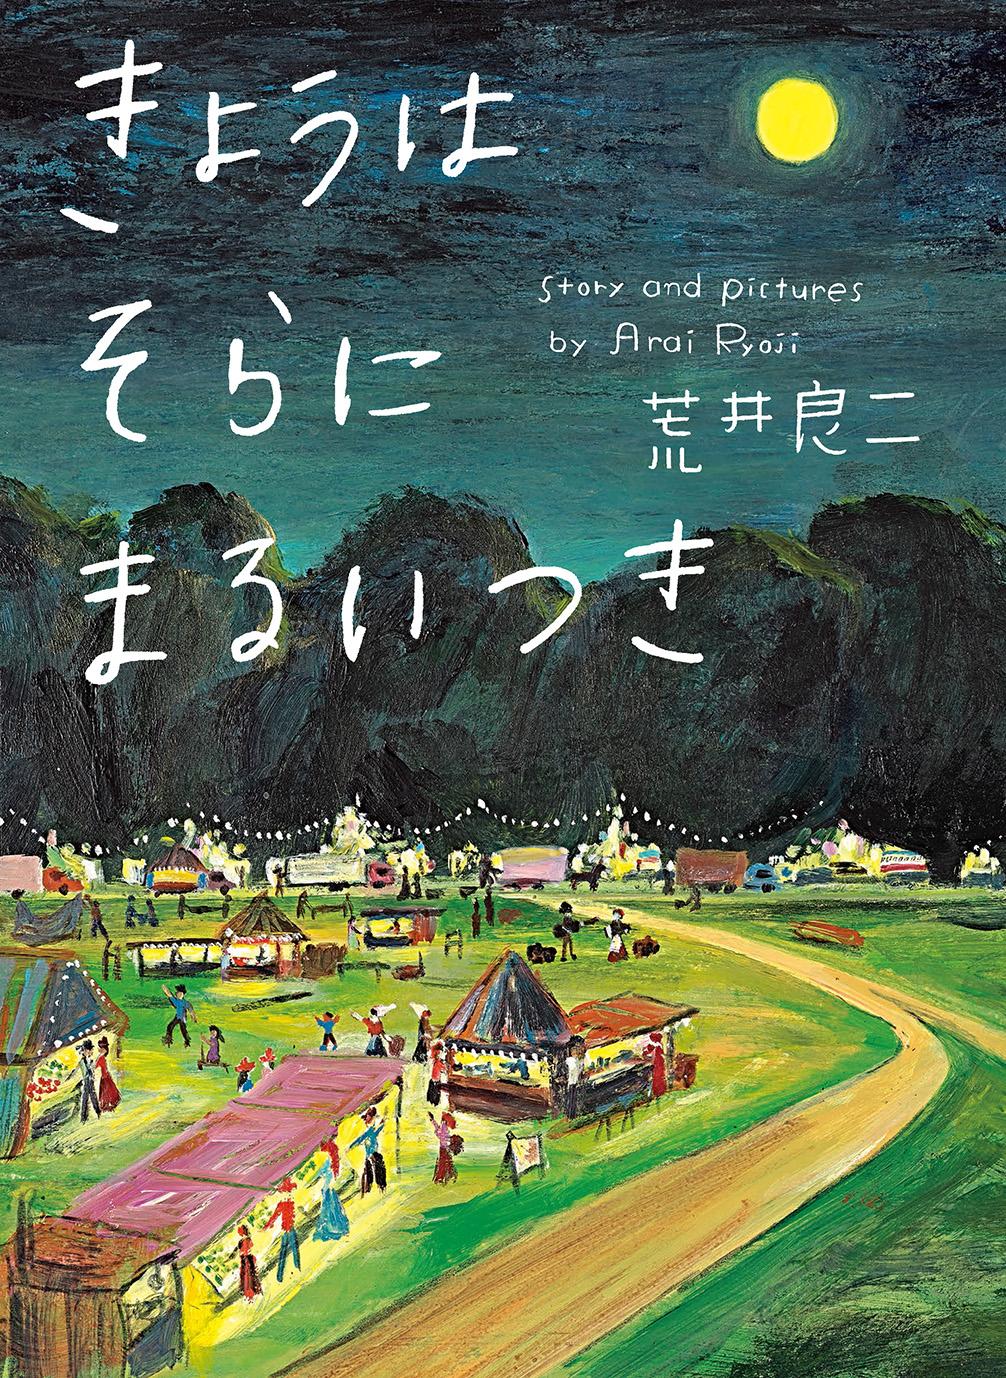 『きょうはそらにまるいつき』が日本絵本賞大賞を受賞!